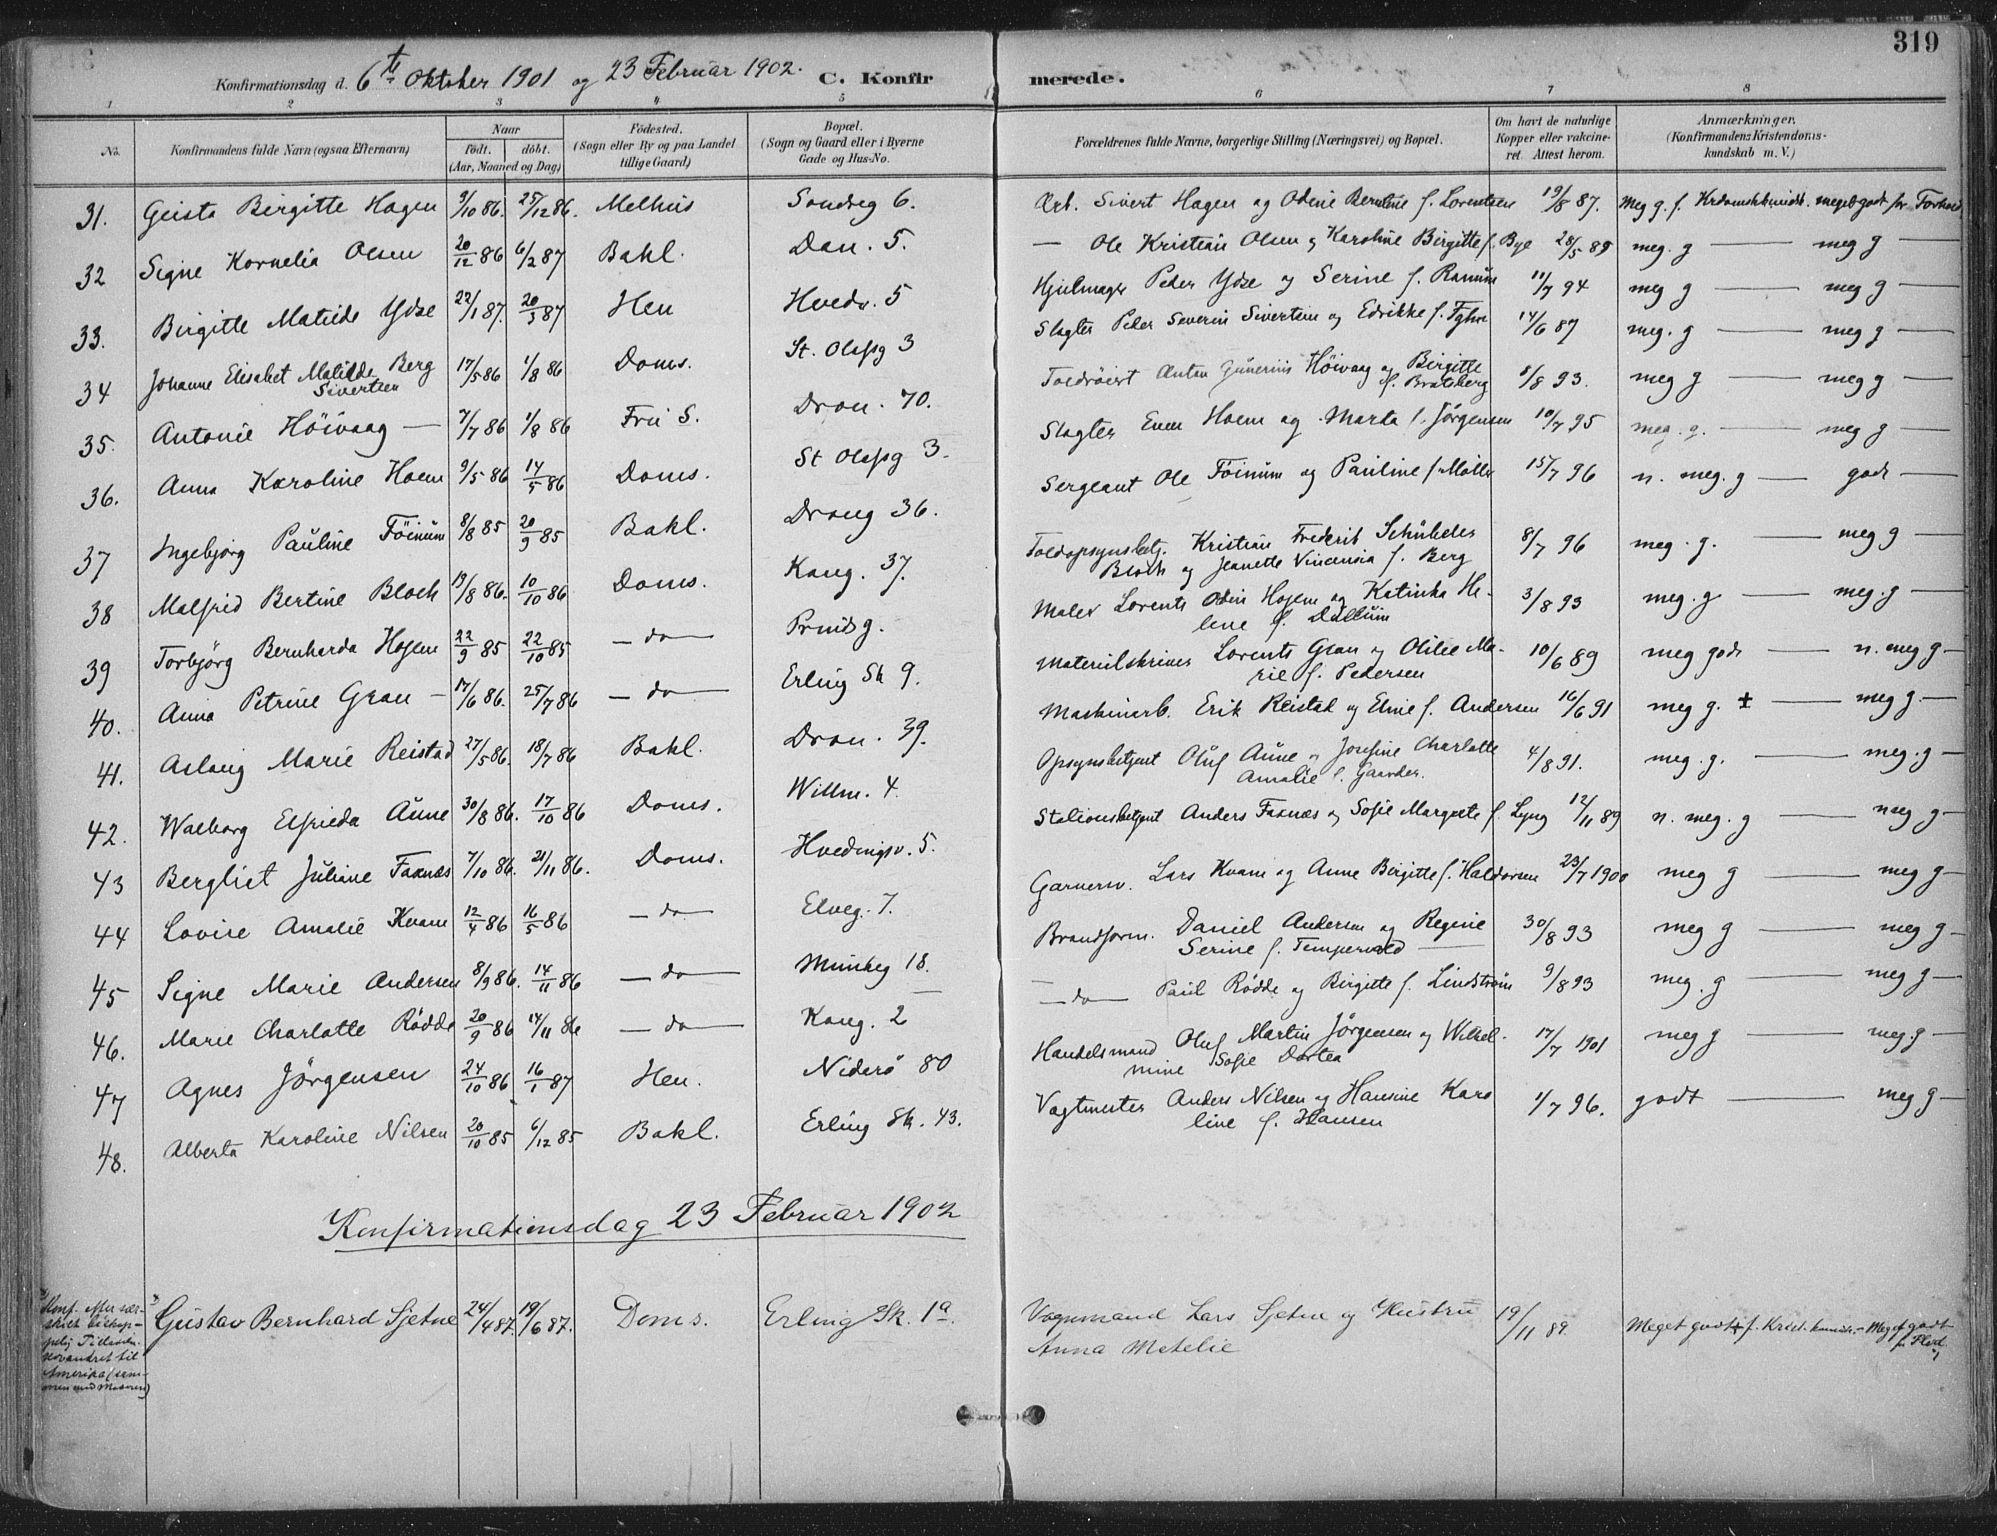 SAT, Ministerialprotokoller, klokkerbøker og fødselsregistre - Sør-Trøndelag, 601/L0062: Ministerialbok nr. 601A30, 1891-1911, s. 319